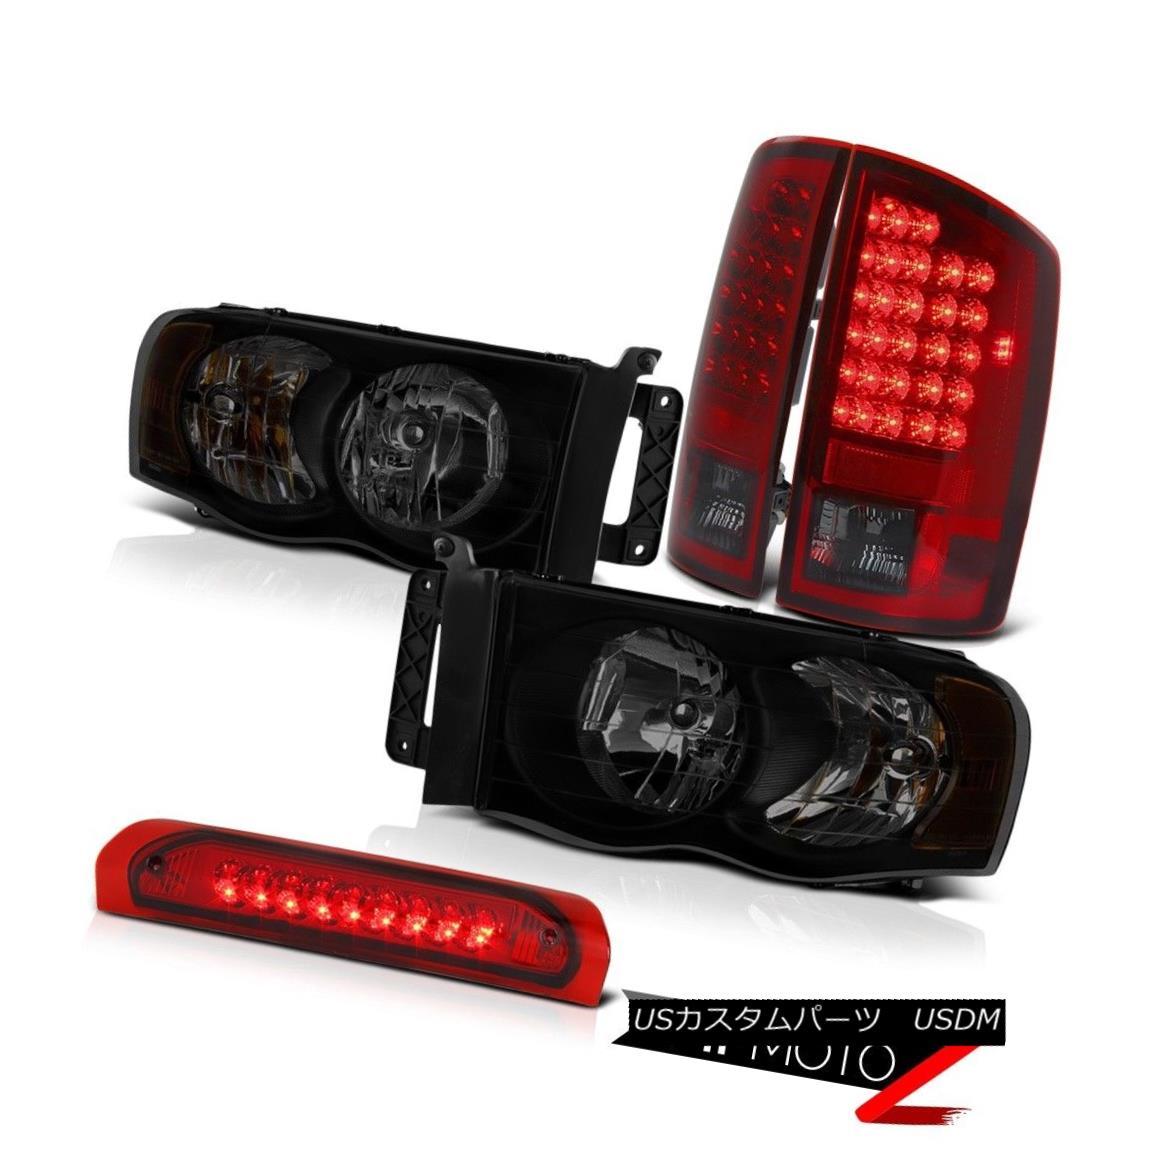 テールライト 02-05 Dodge Ram 1500 2500 5.7L Headlamps Red Roof Brake Lamp Smoked Tail Lights 02-05 Dodge Ram 1500 2500 5.7Lヘッドランプ赤い屋根のブレーキランプスモークテールライト